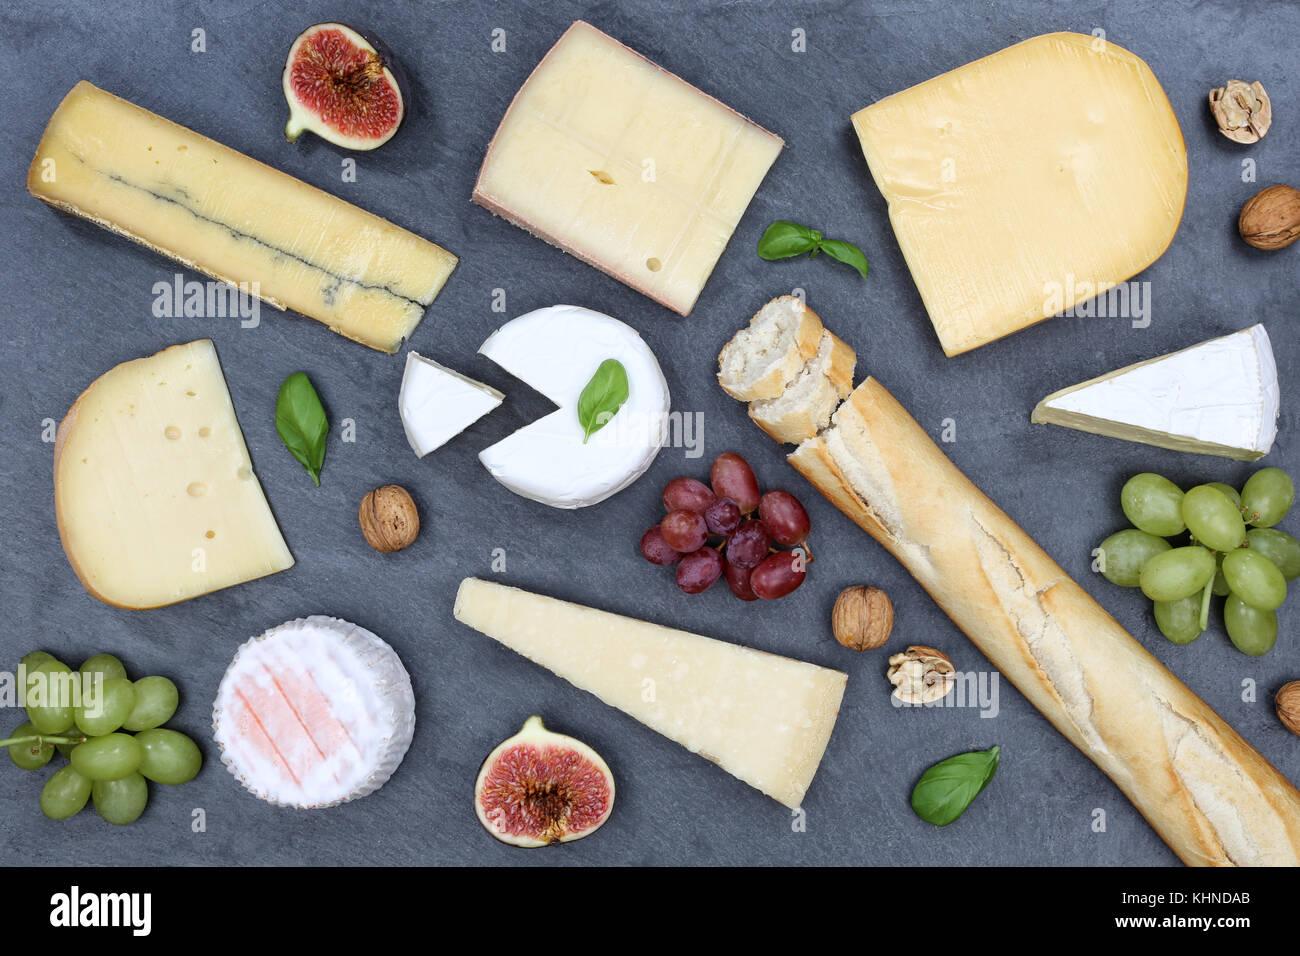 Placa placa plato de queso camembert pan suizo vista desde arriba de la parte superior de la pizarra Imagen De Stock